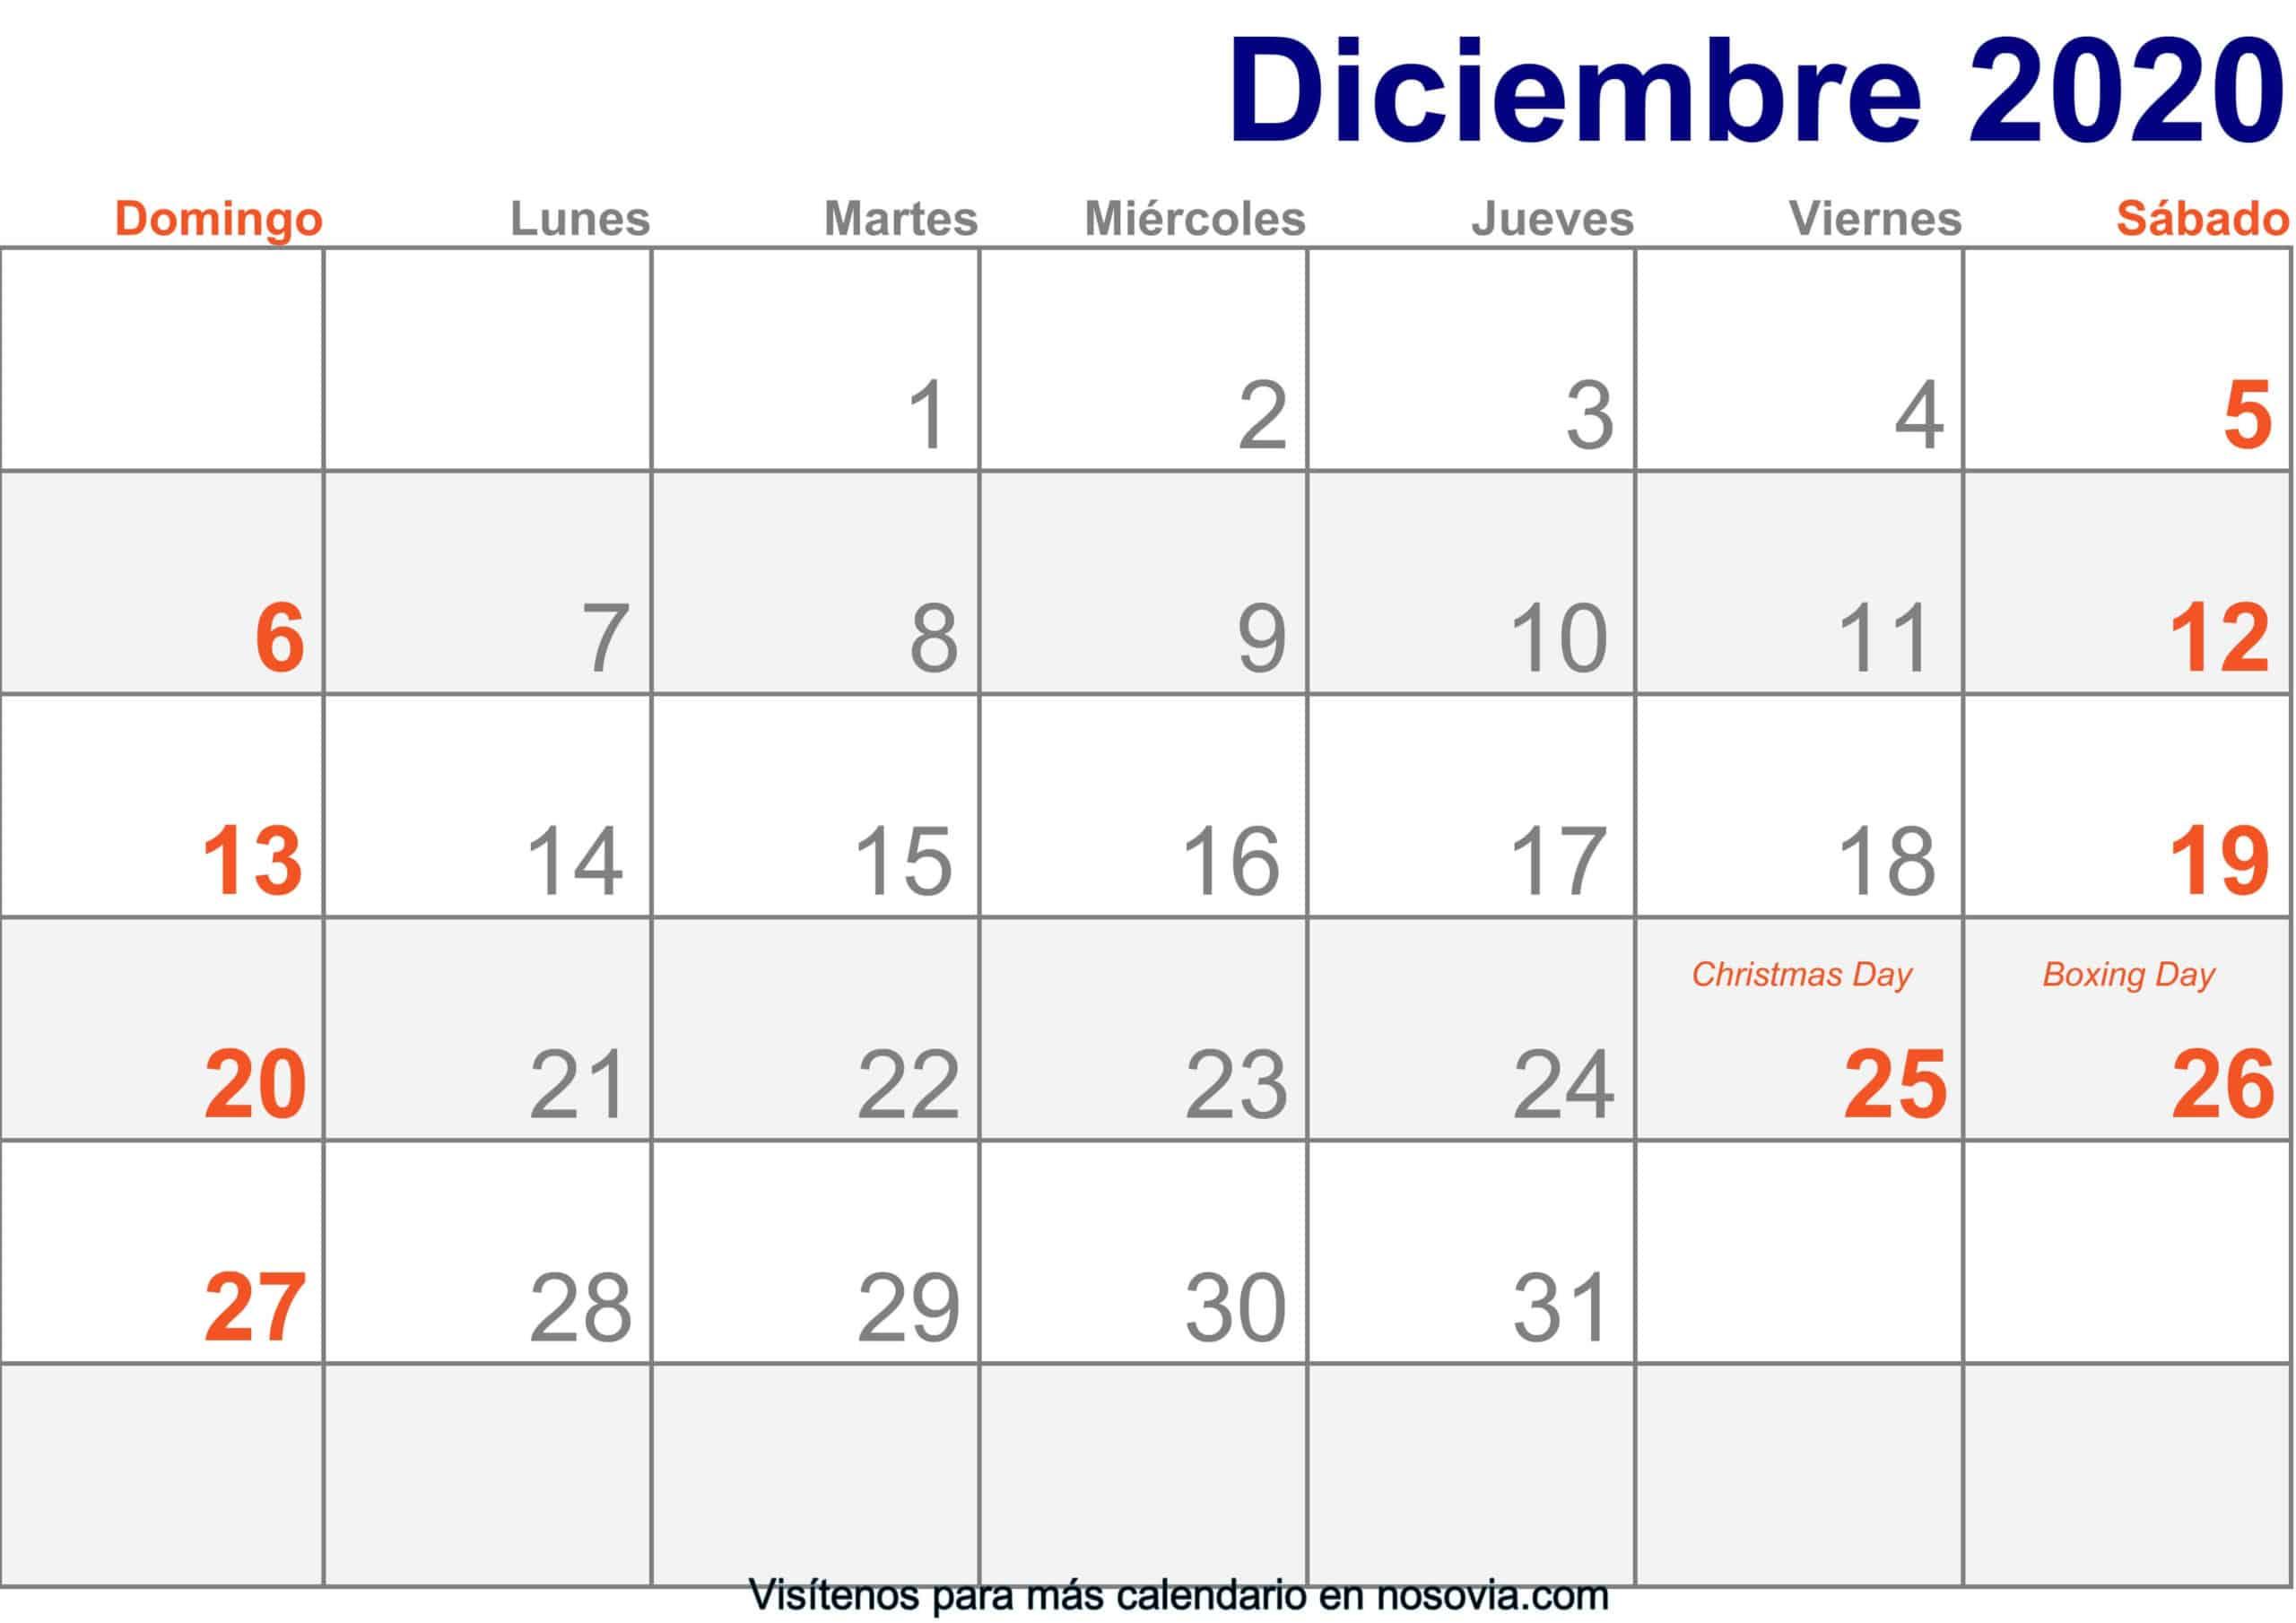 Calendario-diciembre-2020-Con-Festivos-Imprimir